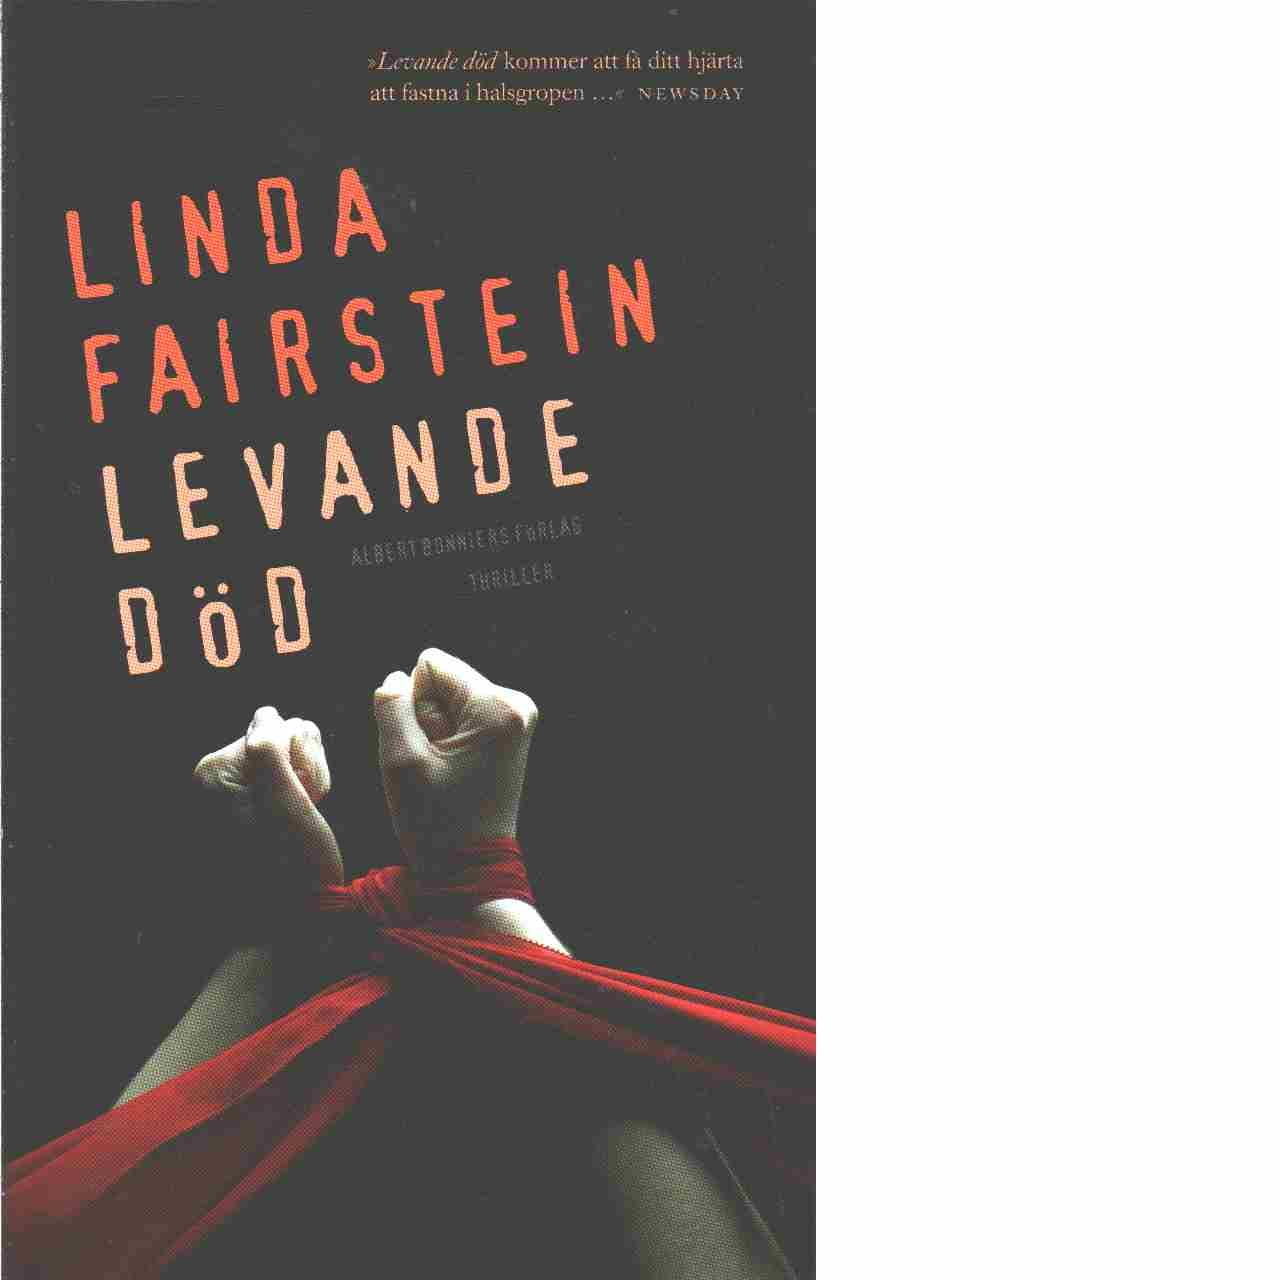 Levande död - Fairstein, Linda